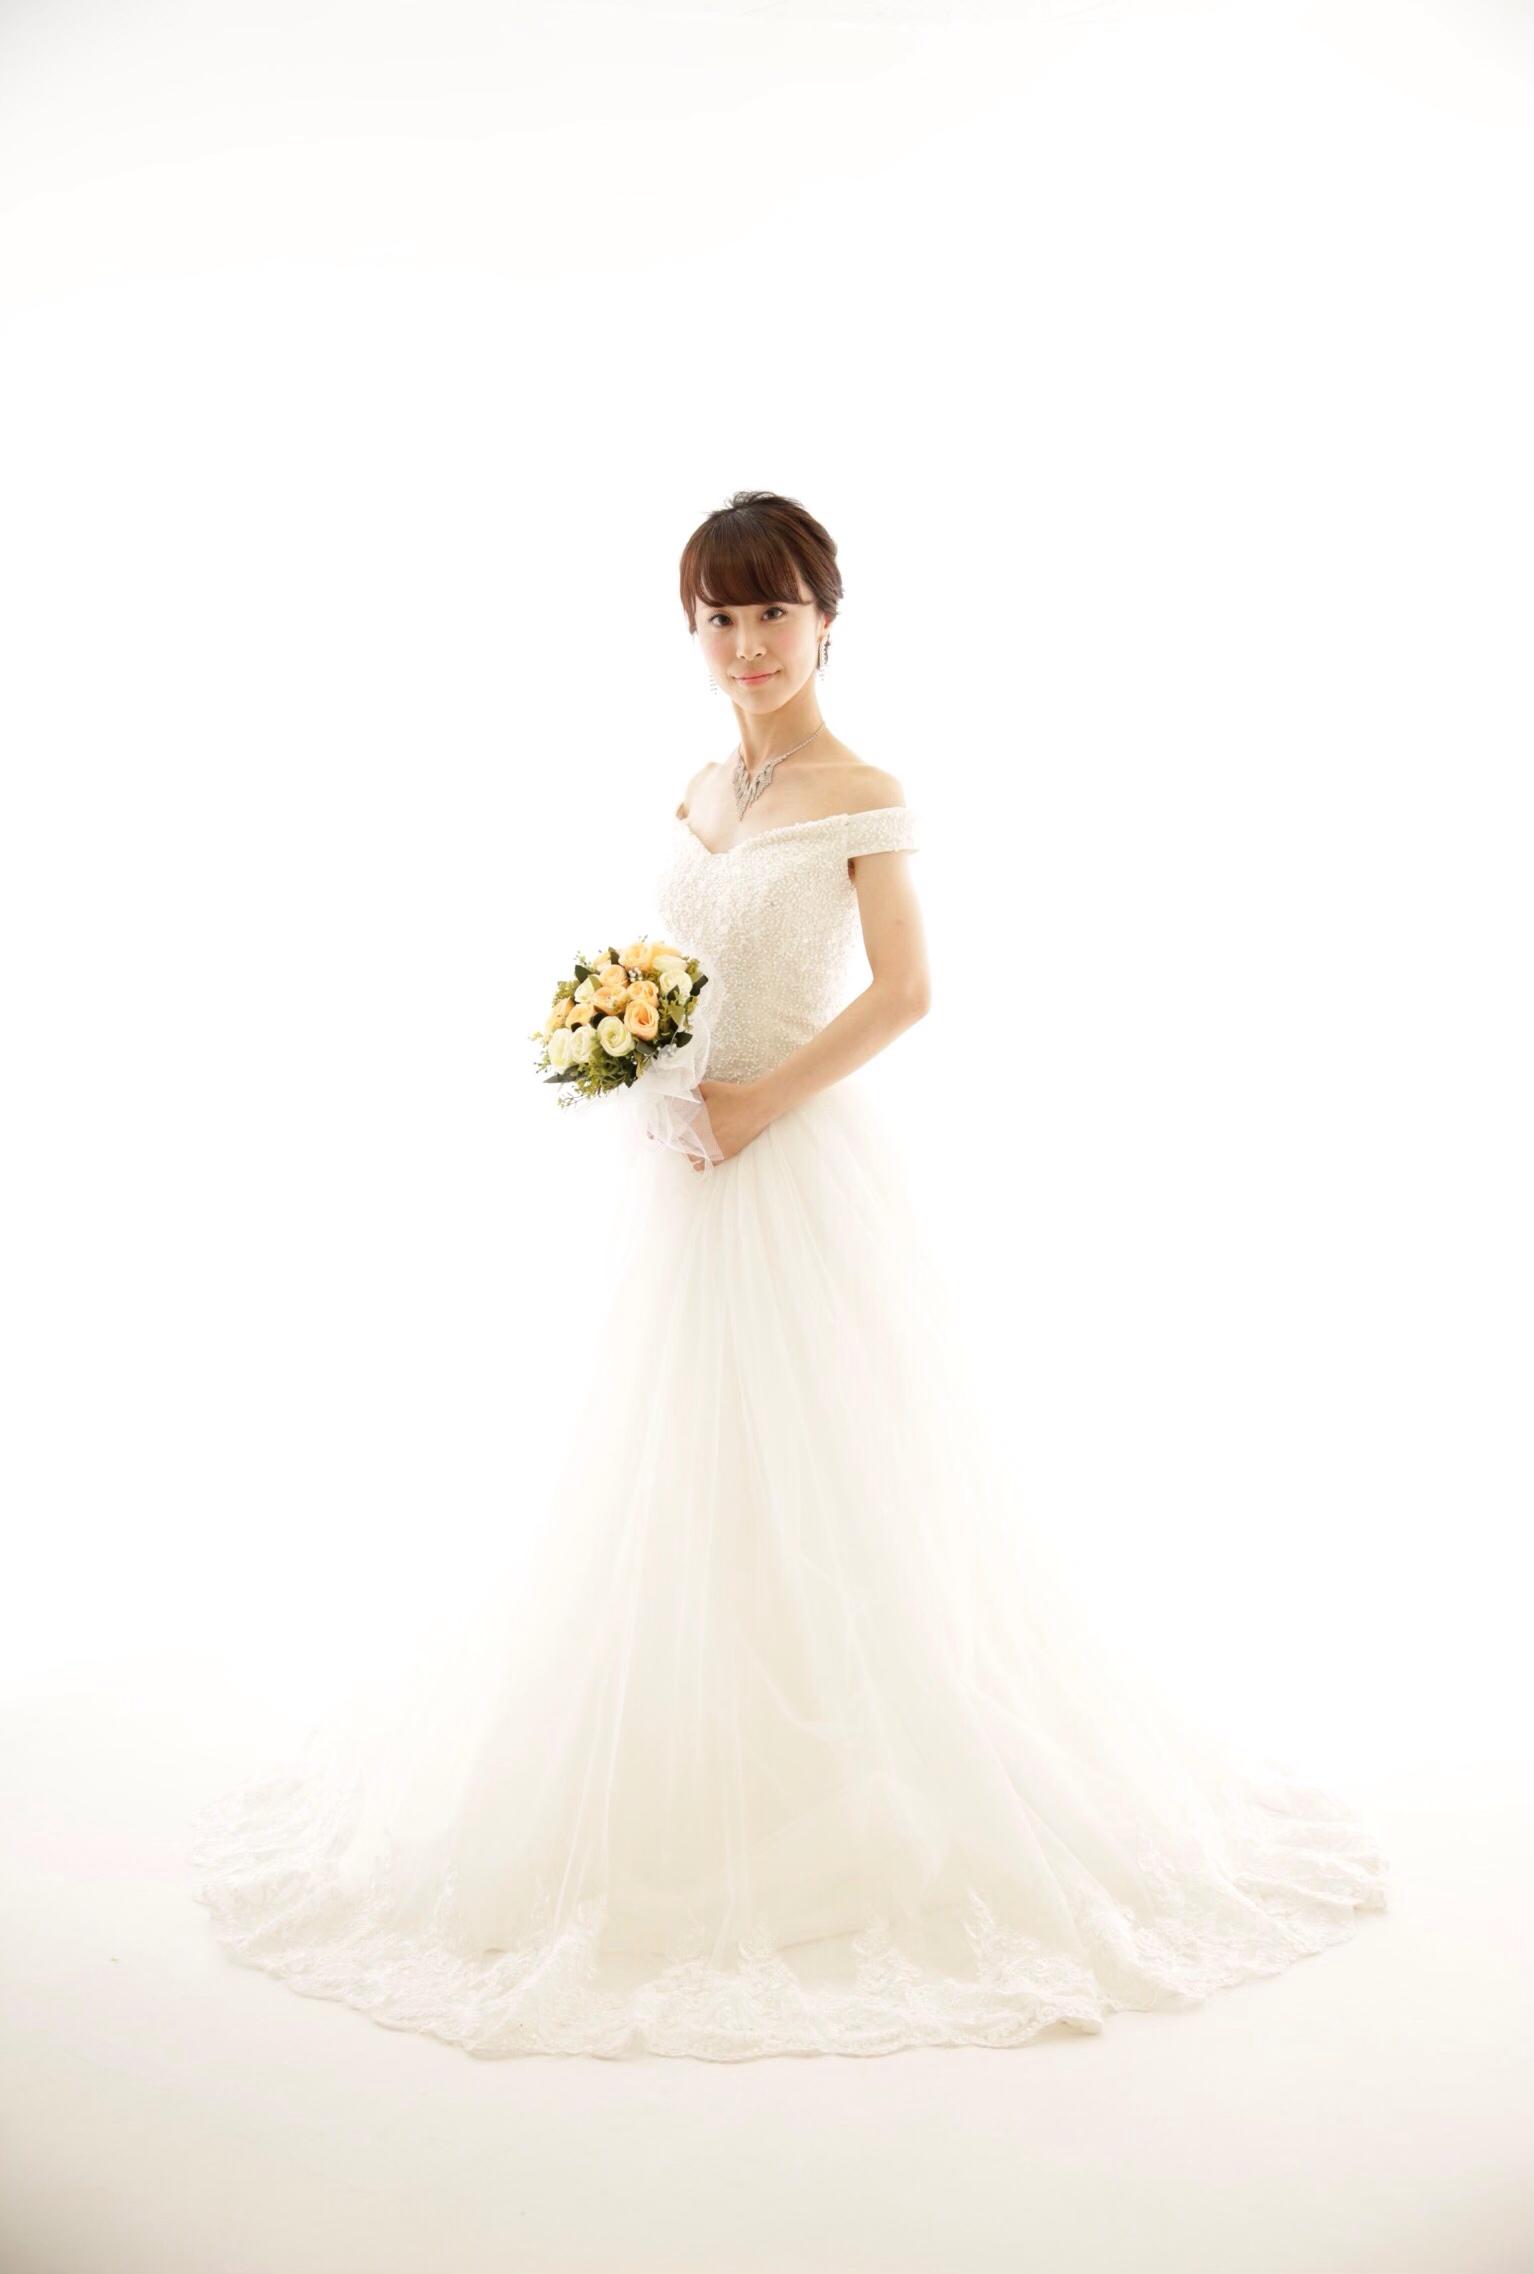 一生に一度のウェディングドレス♡前撮りや結婚式をされる方にオススメのドレス♡_2